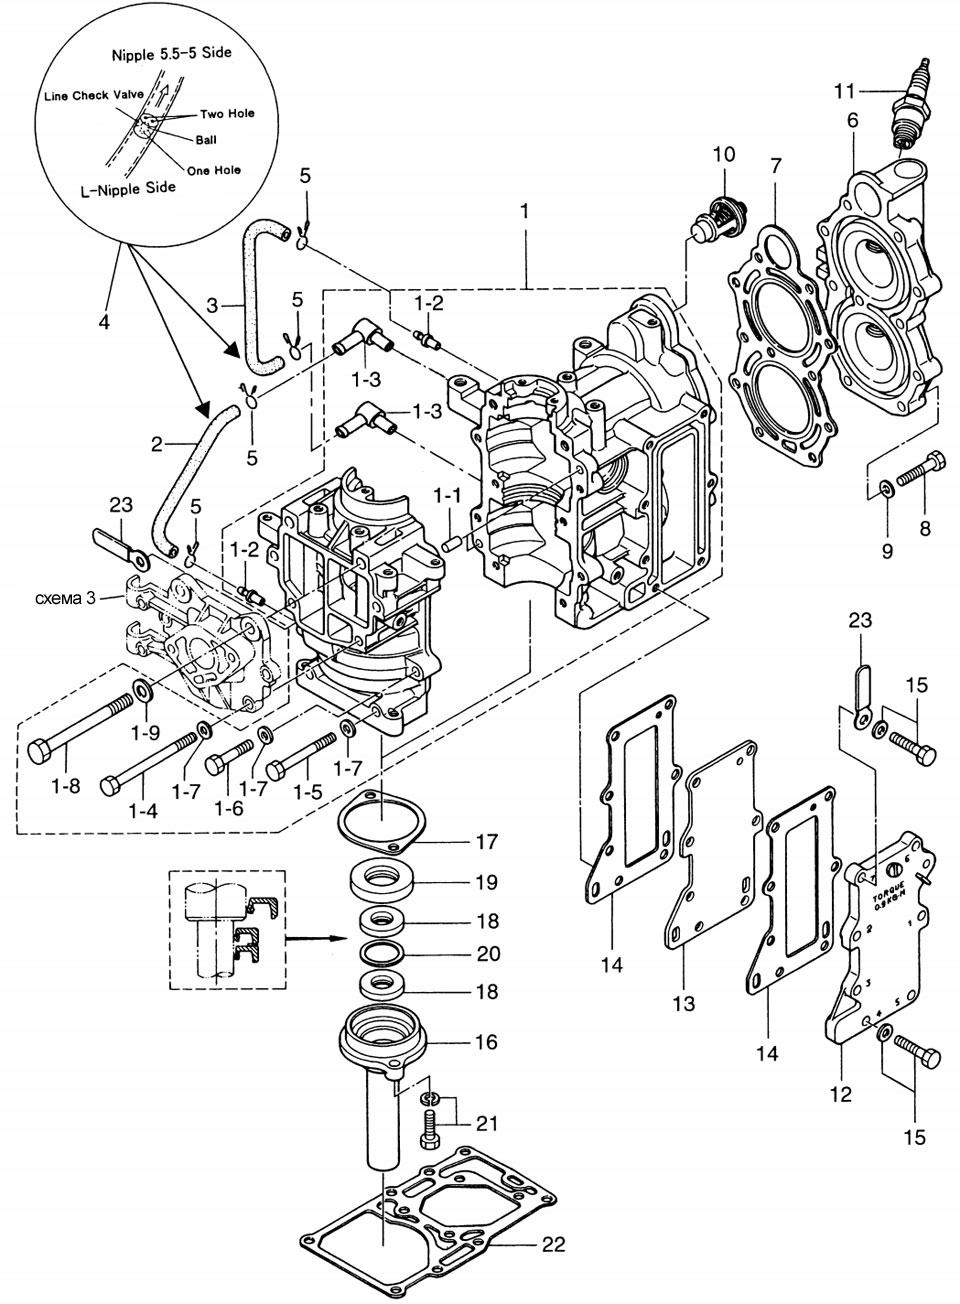 Схема мотора тохатсу 5